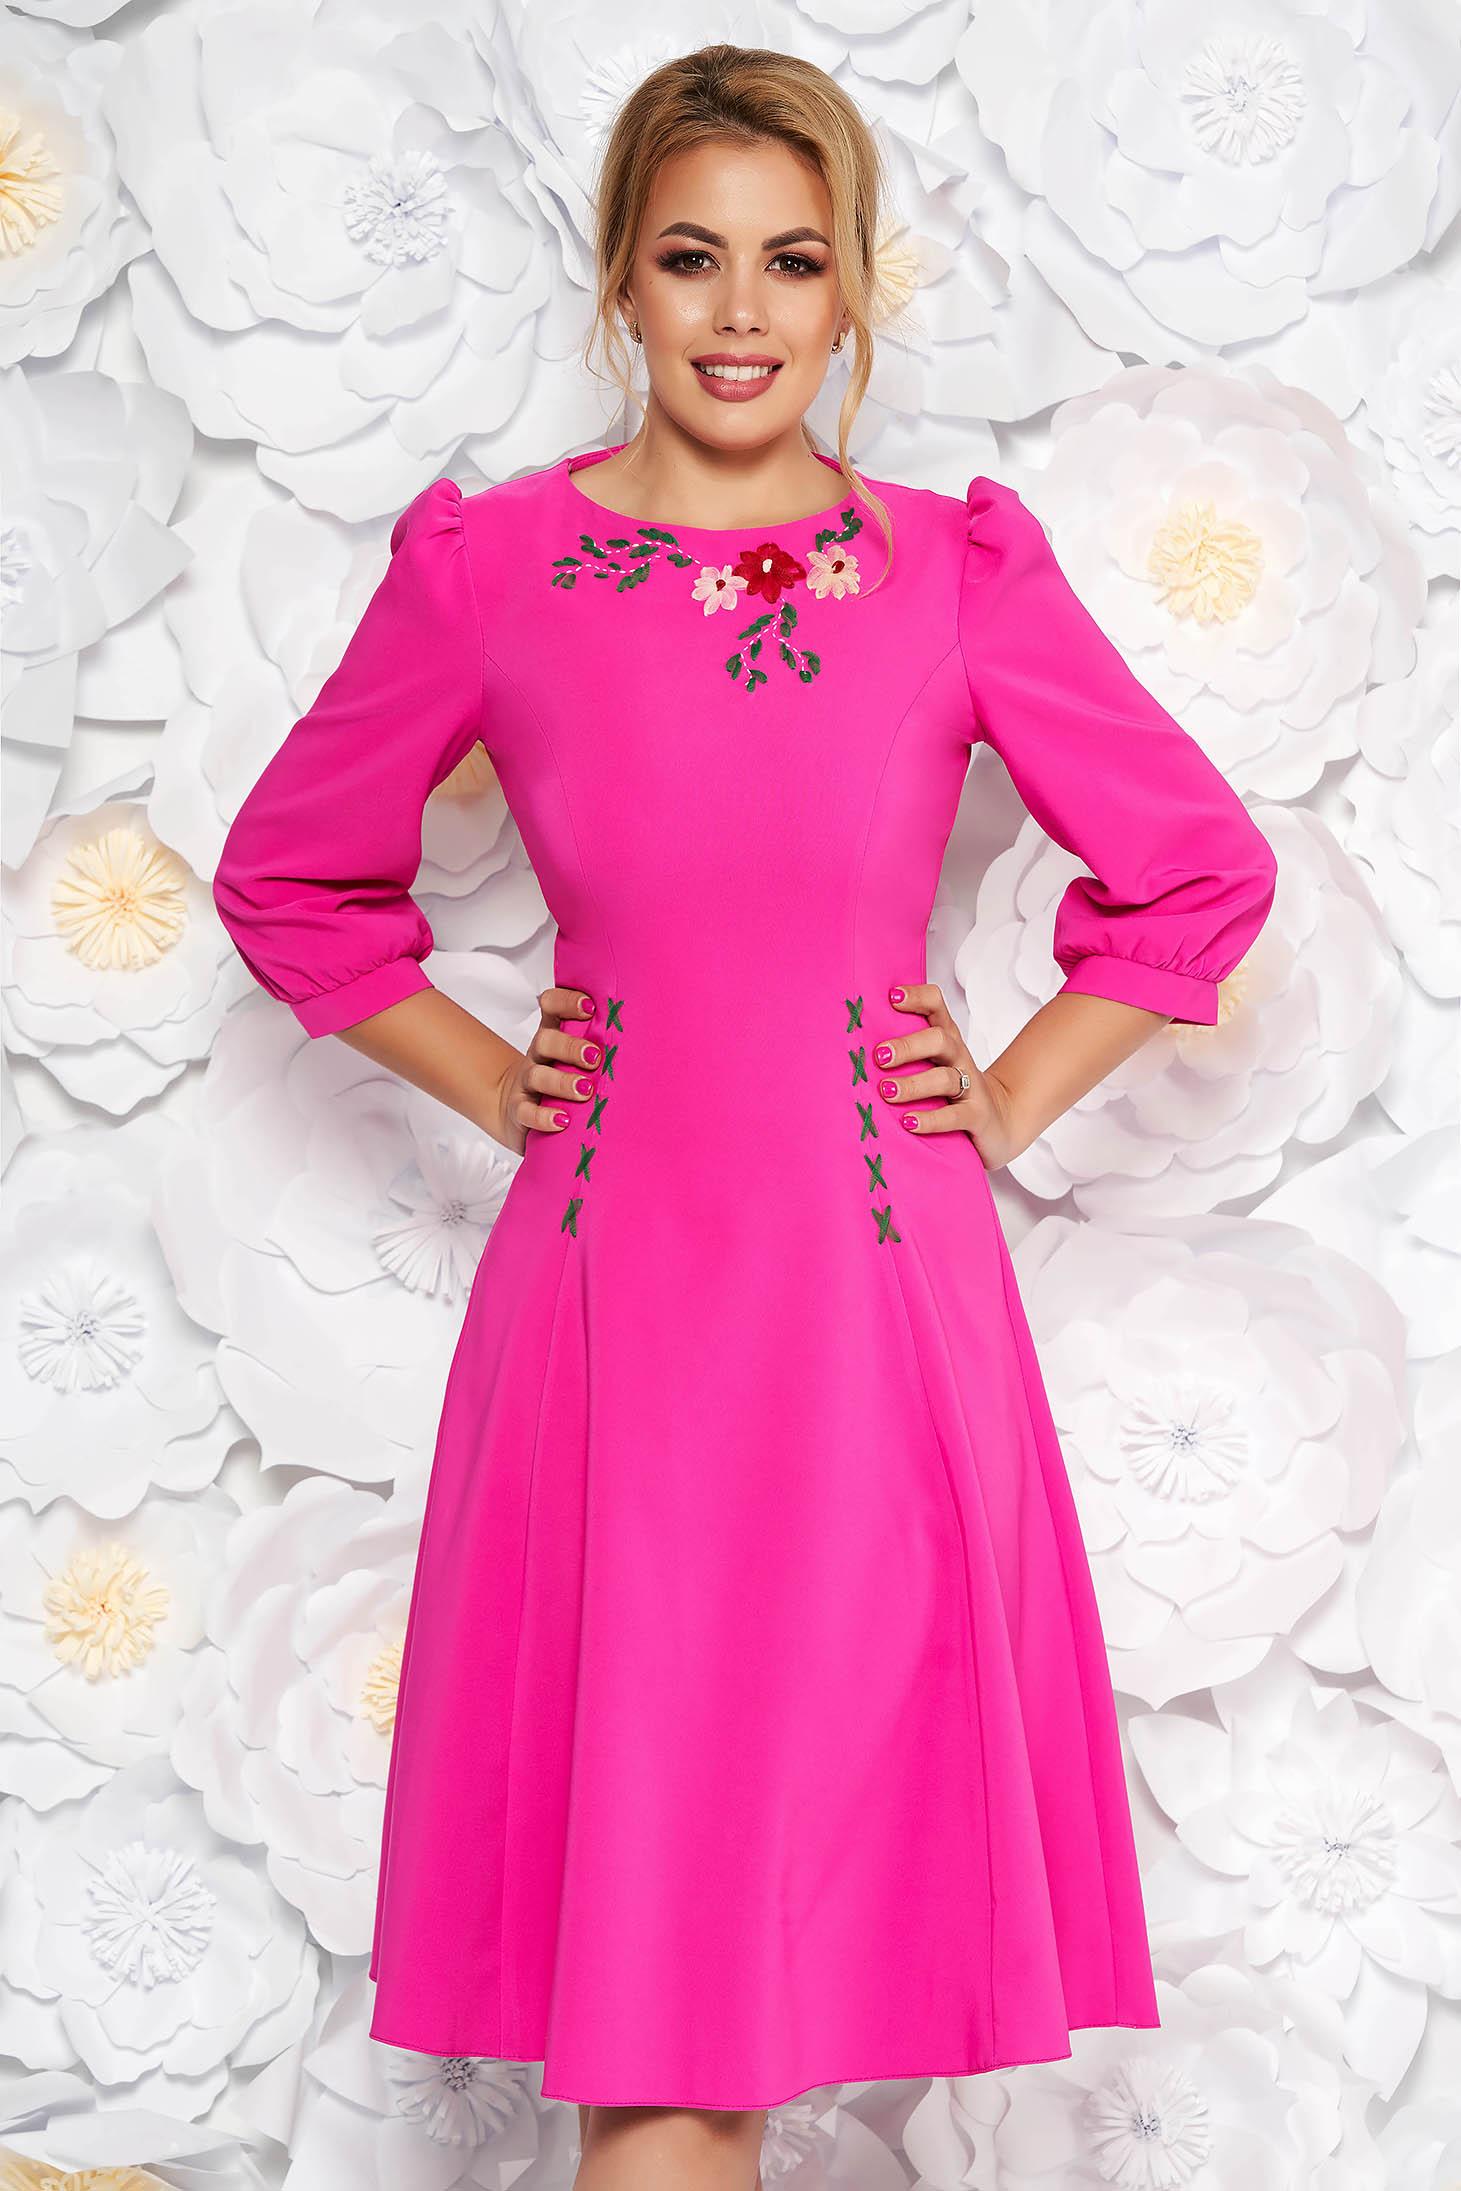 b7247f6ac3 Fukszia LaDonna elegáns hímzett harang ruha enyhén elasztikus szövet  háromnegyedes ujjakkal